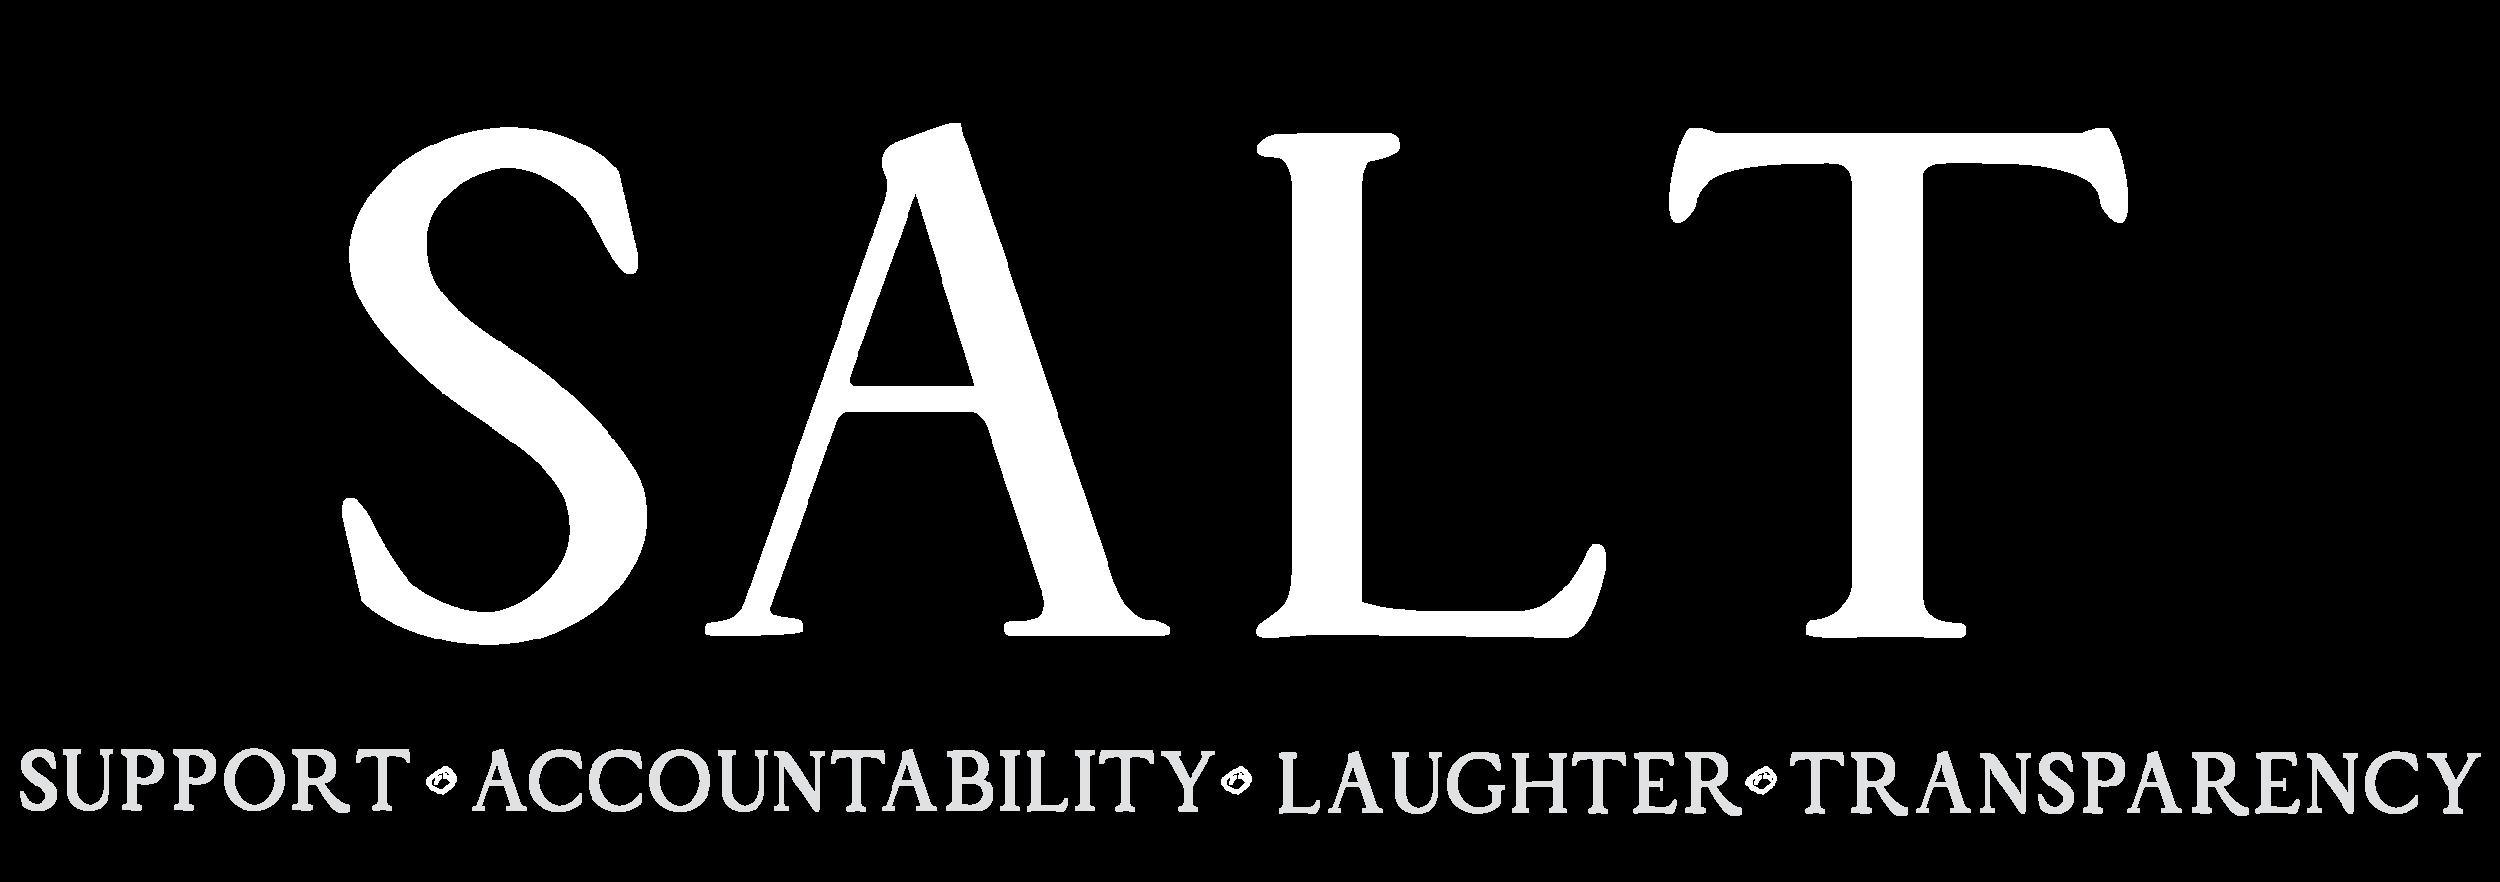 SALT logo banner.png